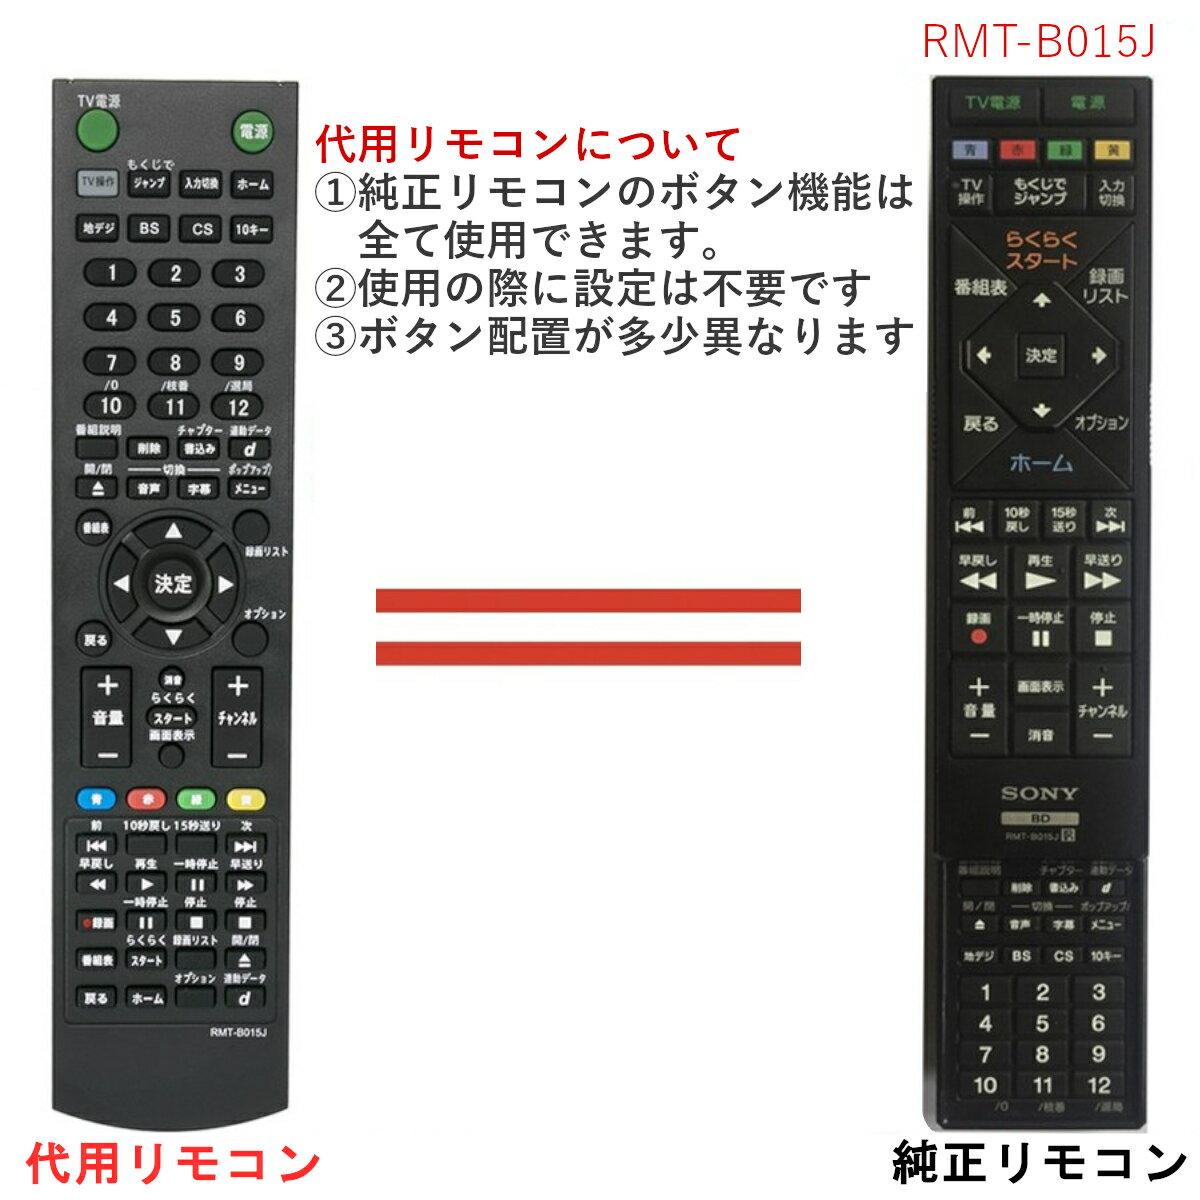 ソニー リモコン ブルーレイ BD RMT-B015J 代用リモコン PerFascin